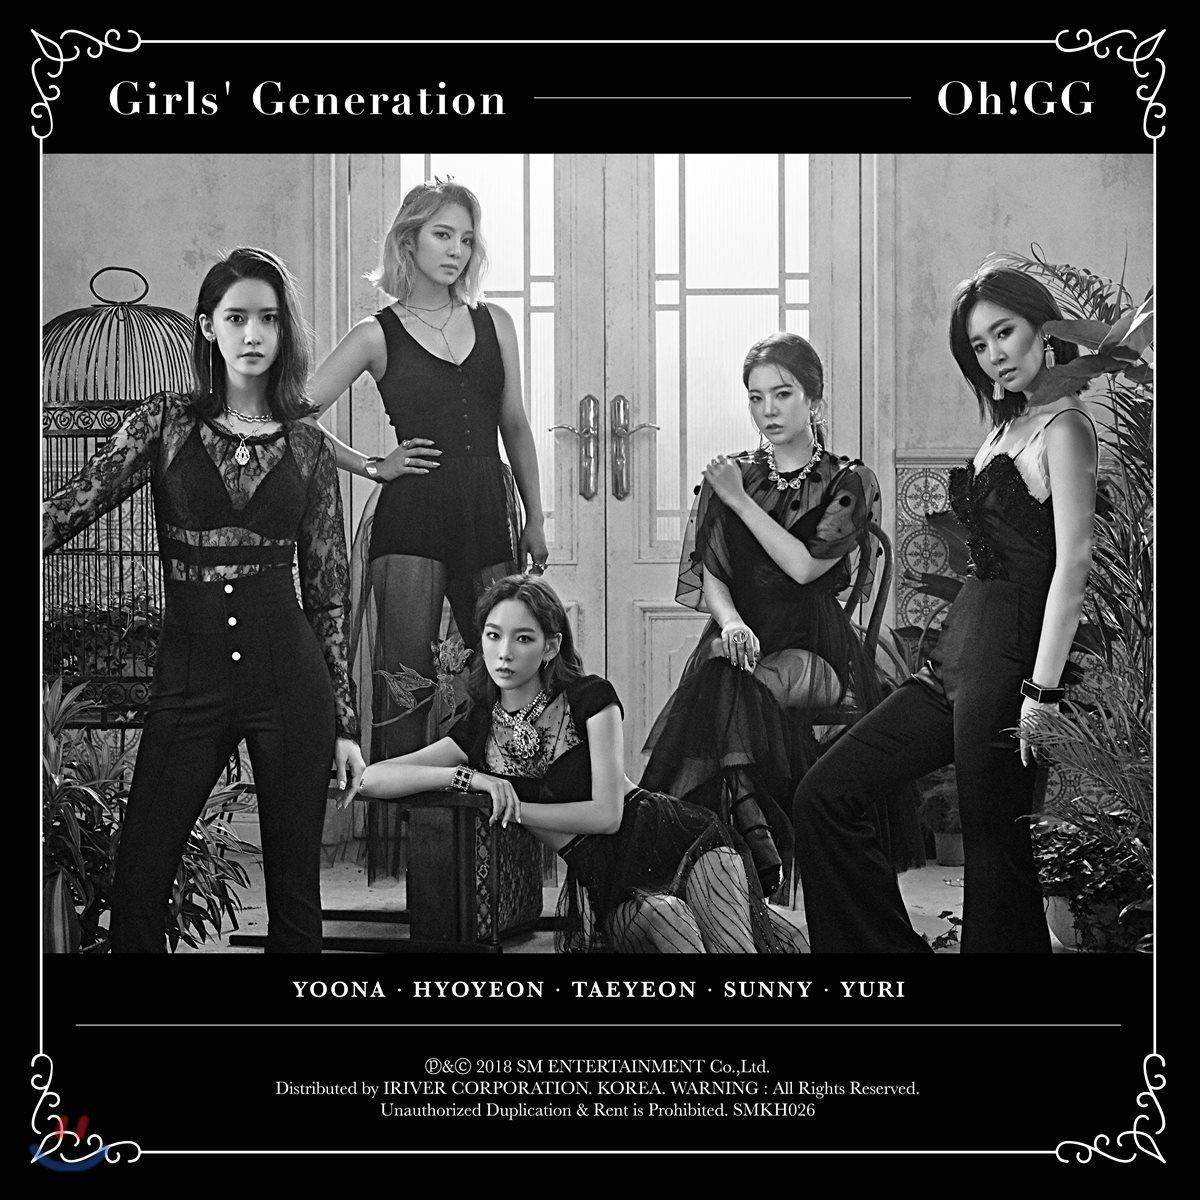 소녀시대-오!지지 (소녀시대-Oh!GG) - 몰랐니 [스마트 뮤직 앨범(키노앨범)]